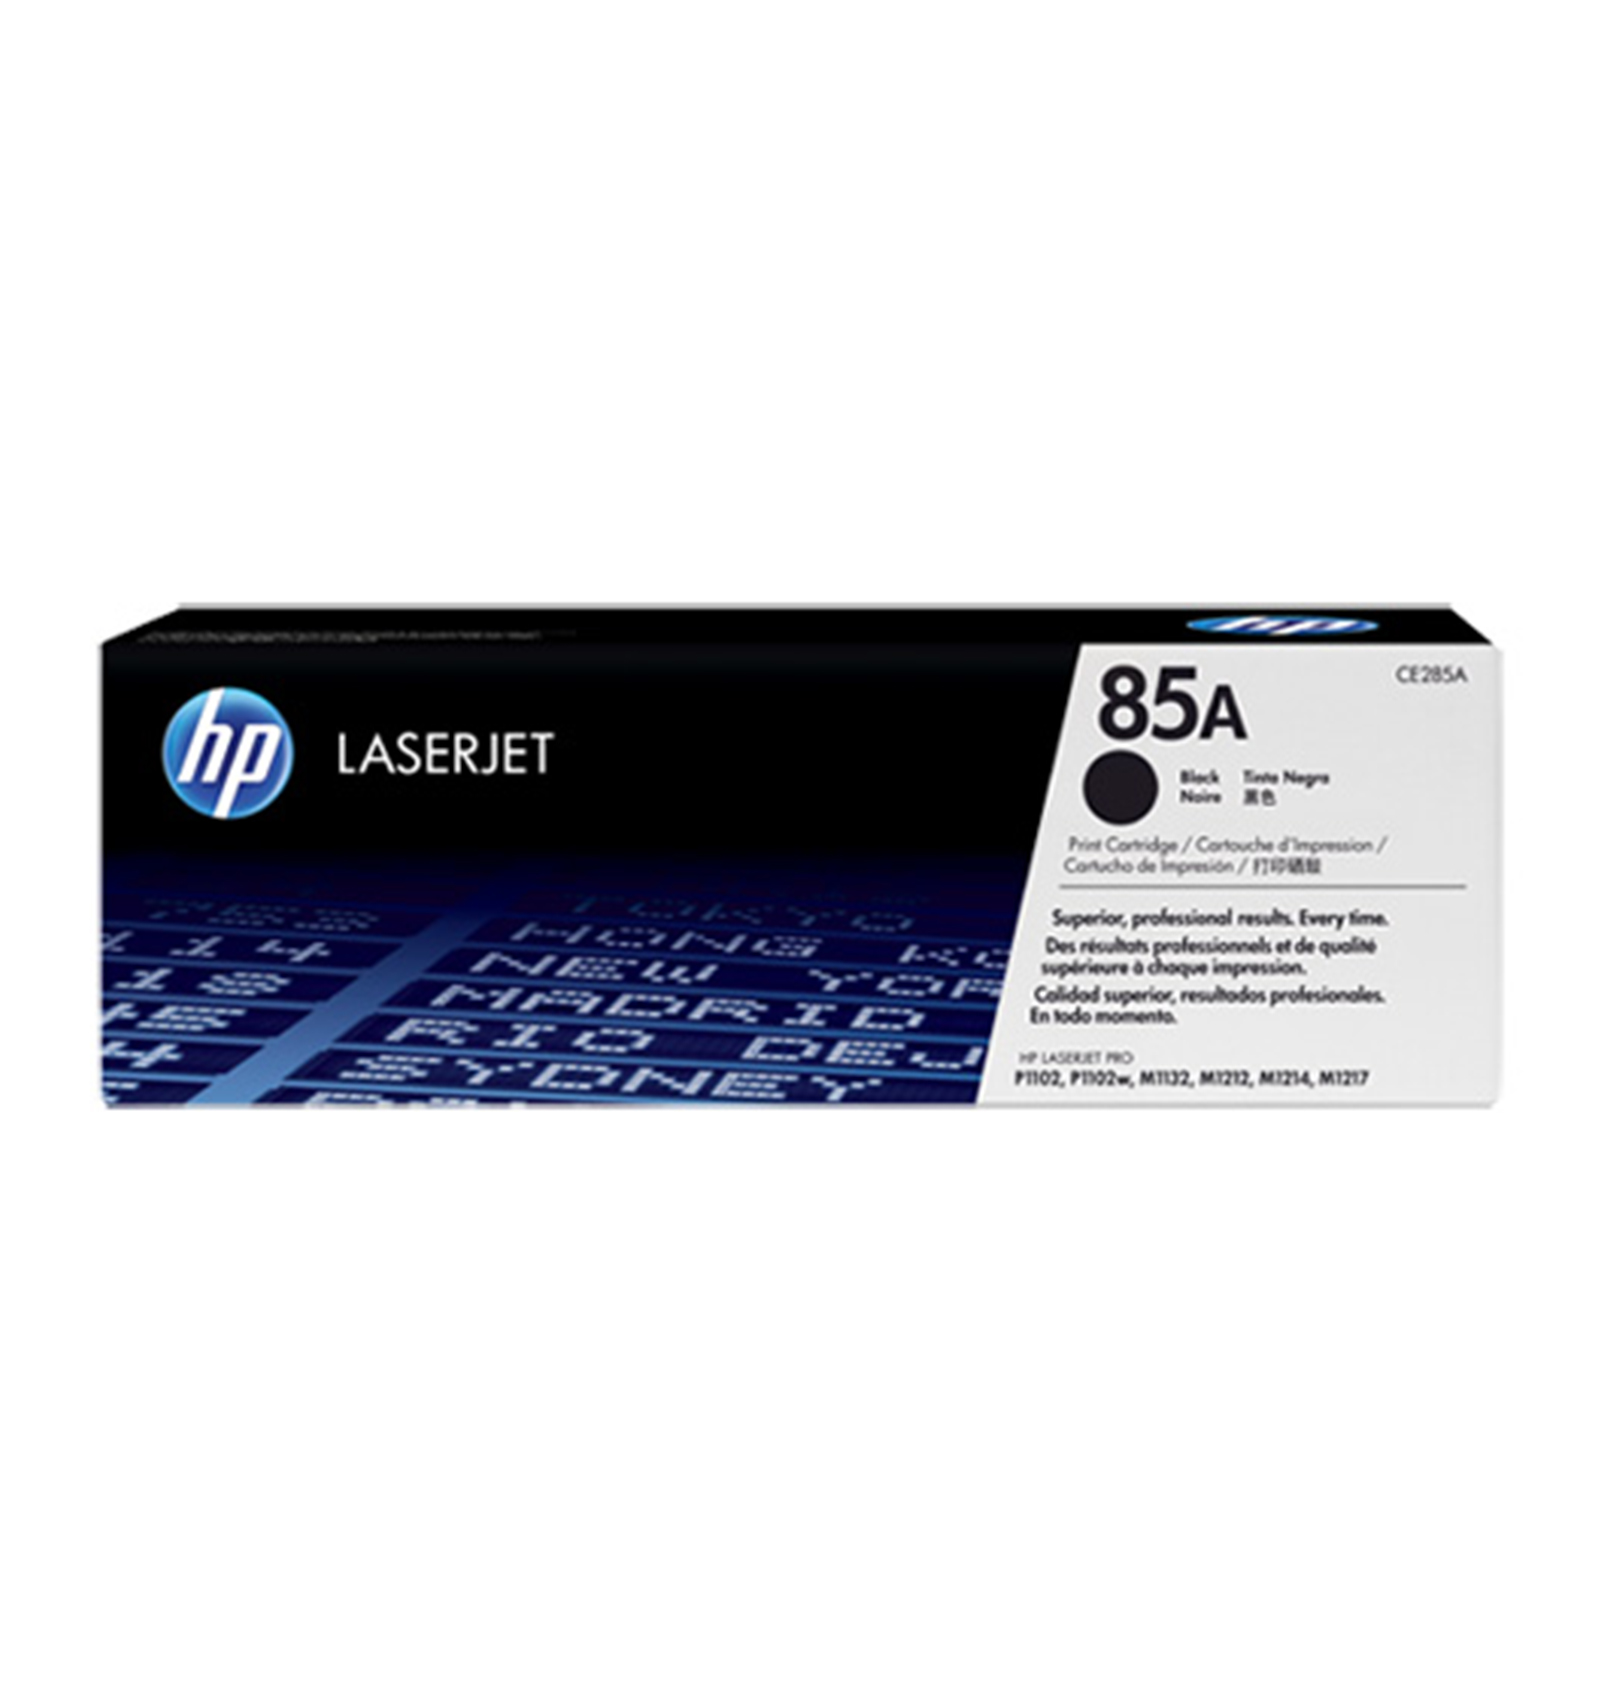 Заправка картриджей HP CE285A (85A) для LaserJet P1102w/M1132 mfp/M1212nf/M1214nfh/M1217nfw